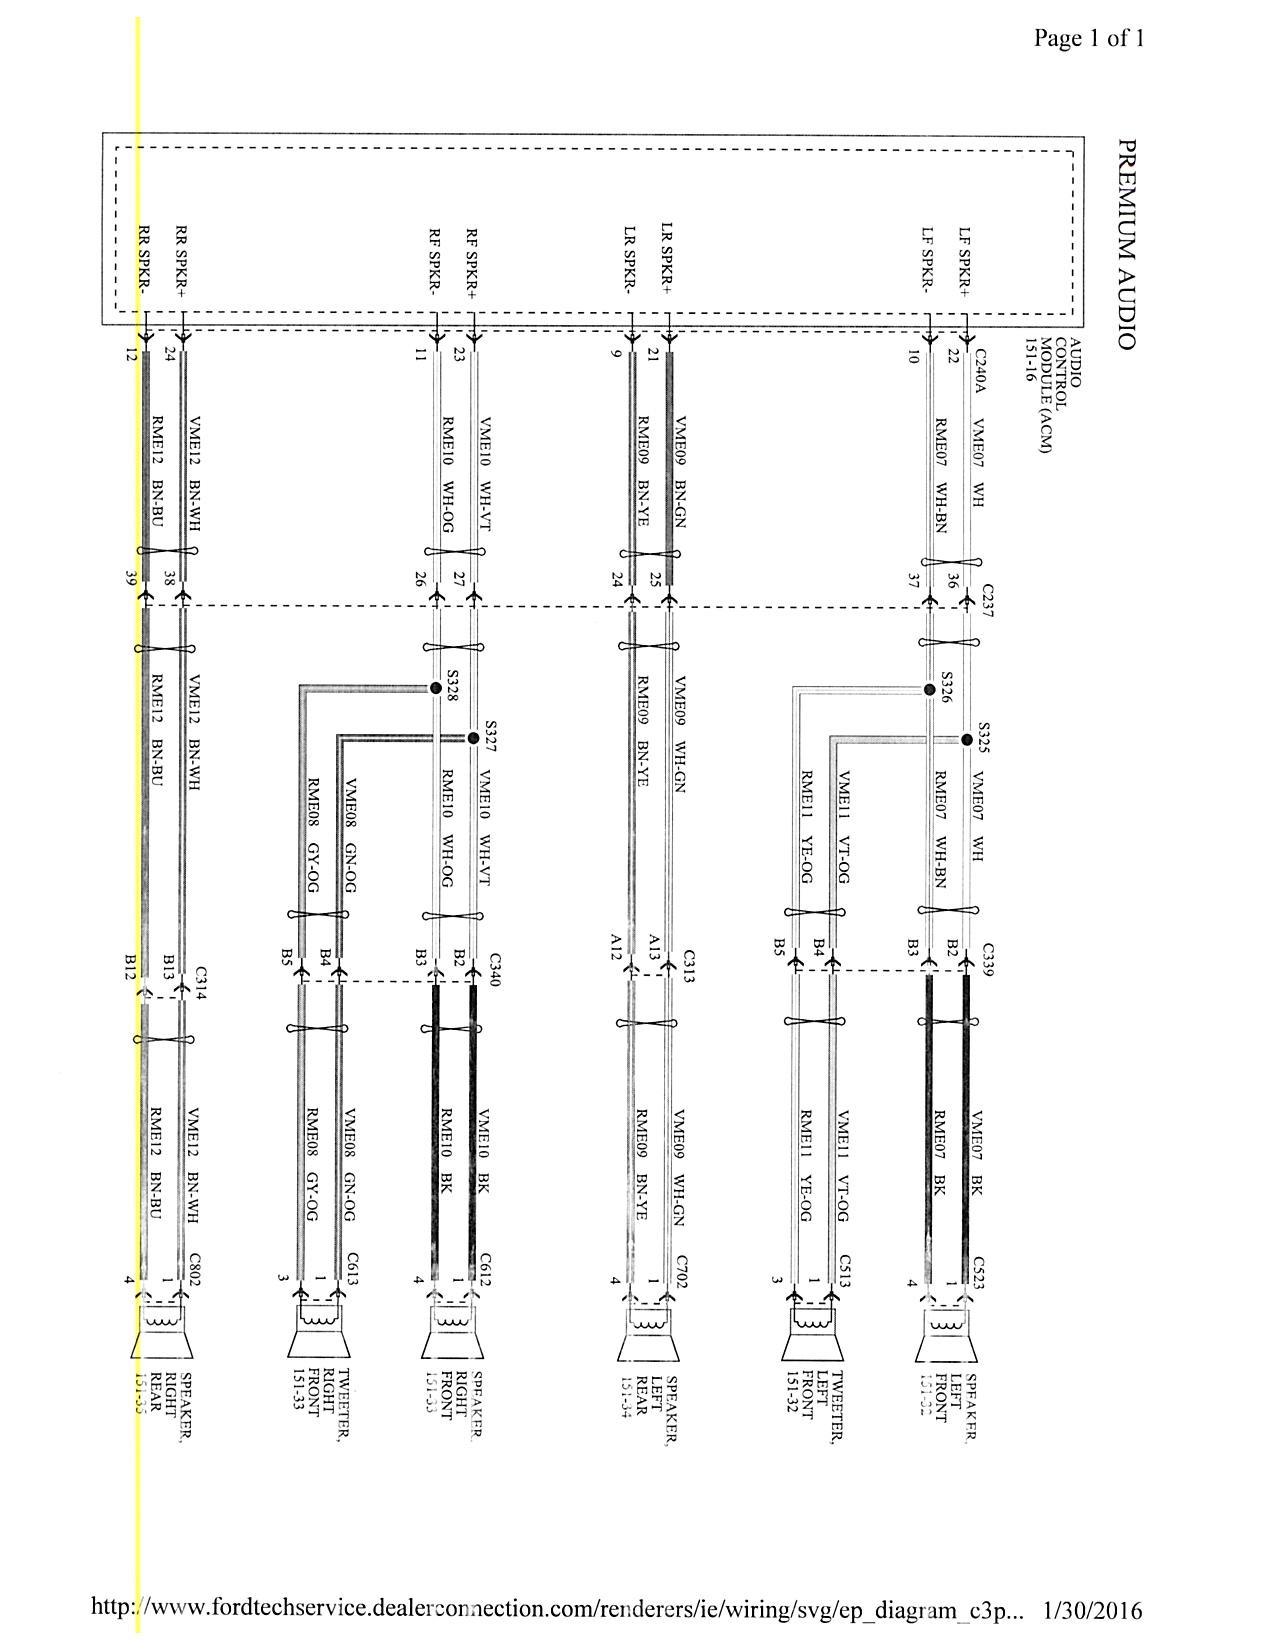 2015 Focus MK3.5 Stereo wiring diagram? | Focus Fanatics Forum | 2015 Ford Focus Wiring Diagram |  | Focus Fanatics